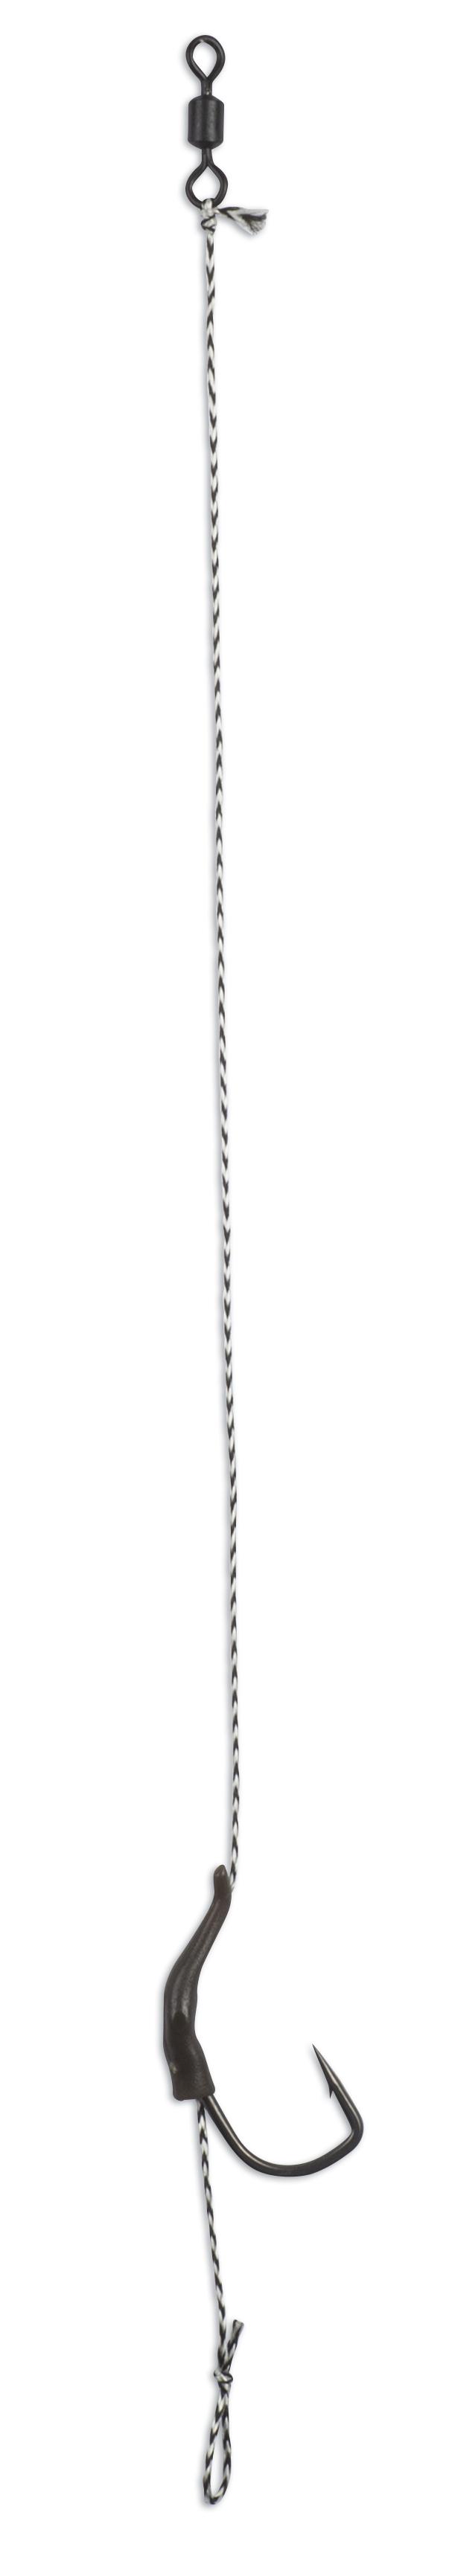 Nadväzec Anaconda RS Piercer Line Aligner Rig Angle 90 TGX s protihrotom č.2